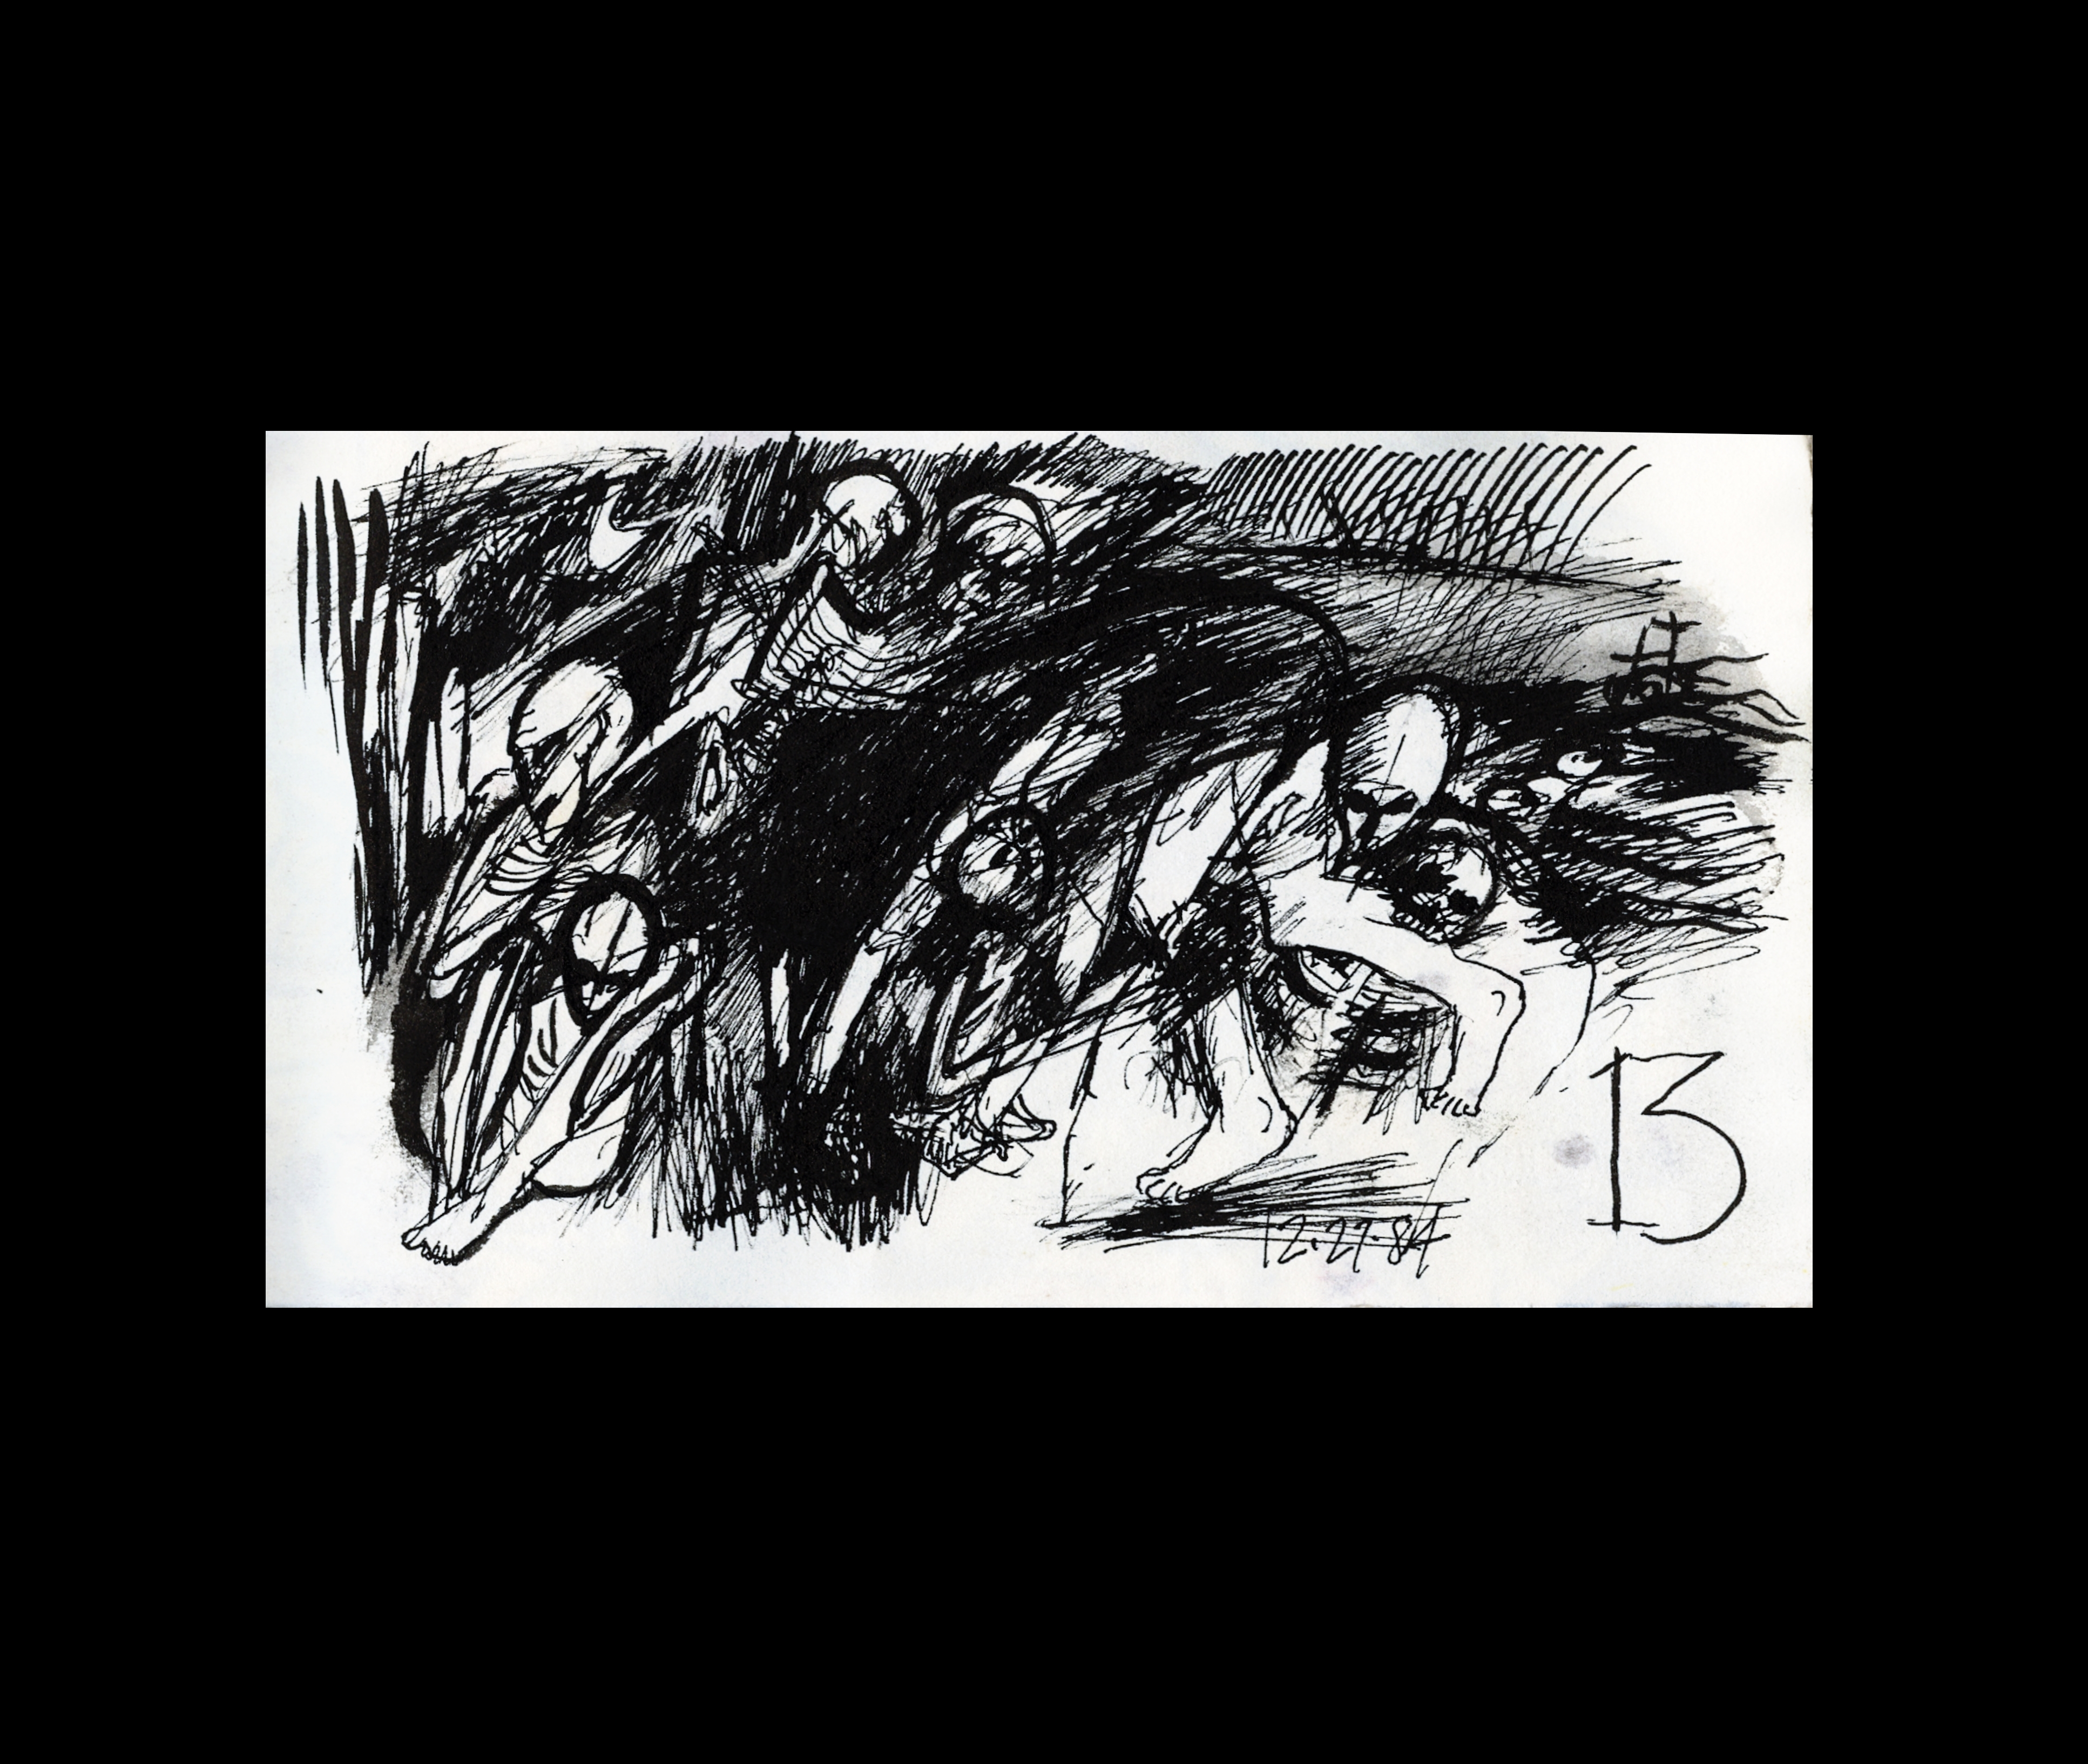 darkdrawings_0013.jpg